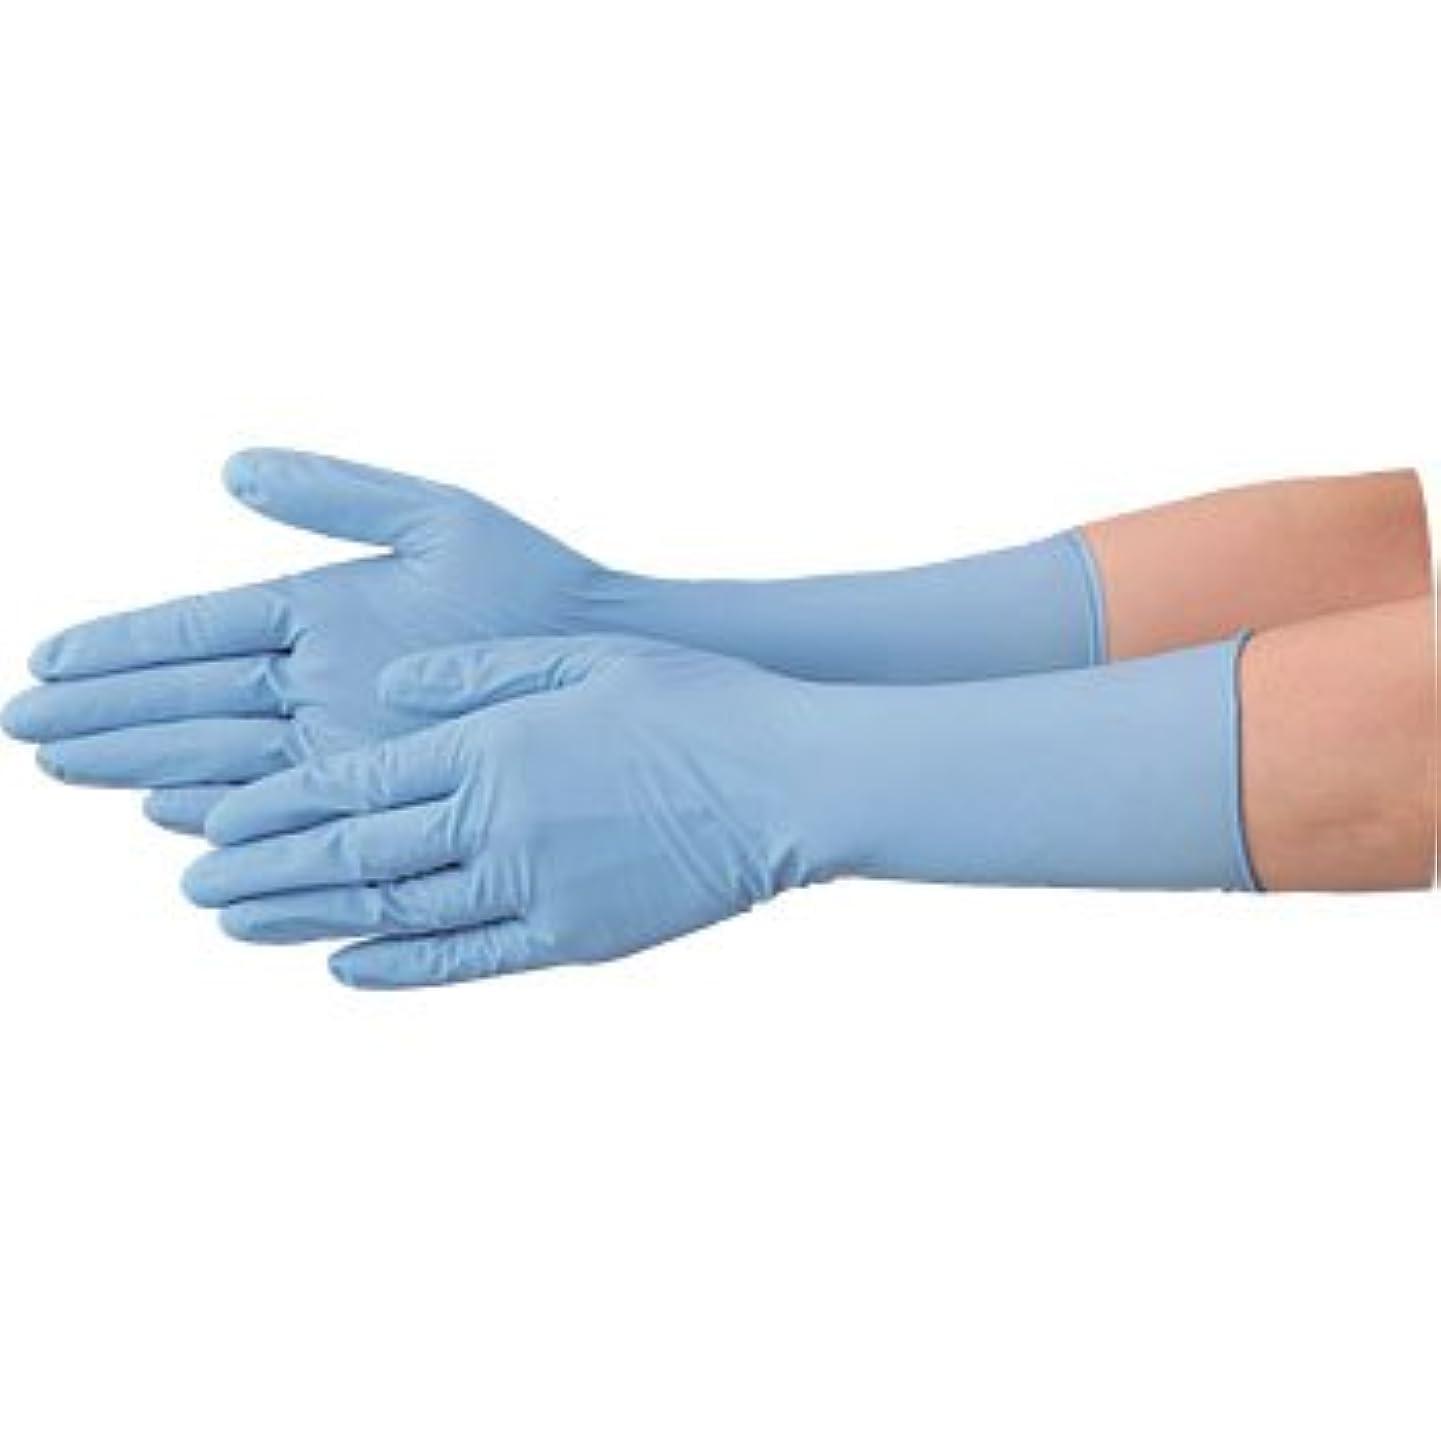 食用贅沢パパ使い捨て 手袋 エブノ 528 ニトリル ロング手袋 パウダーフリー 全長29cm ブルー Sサイズ 2ケース(100枚×40箱)